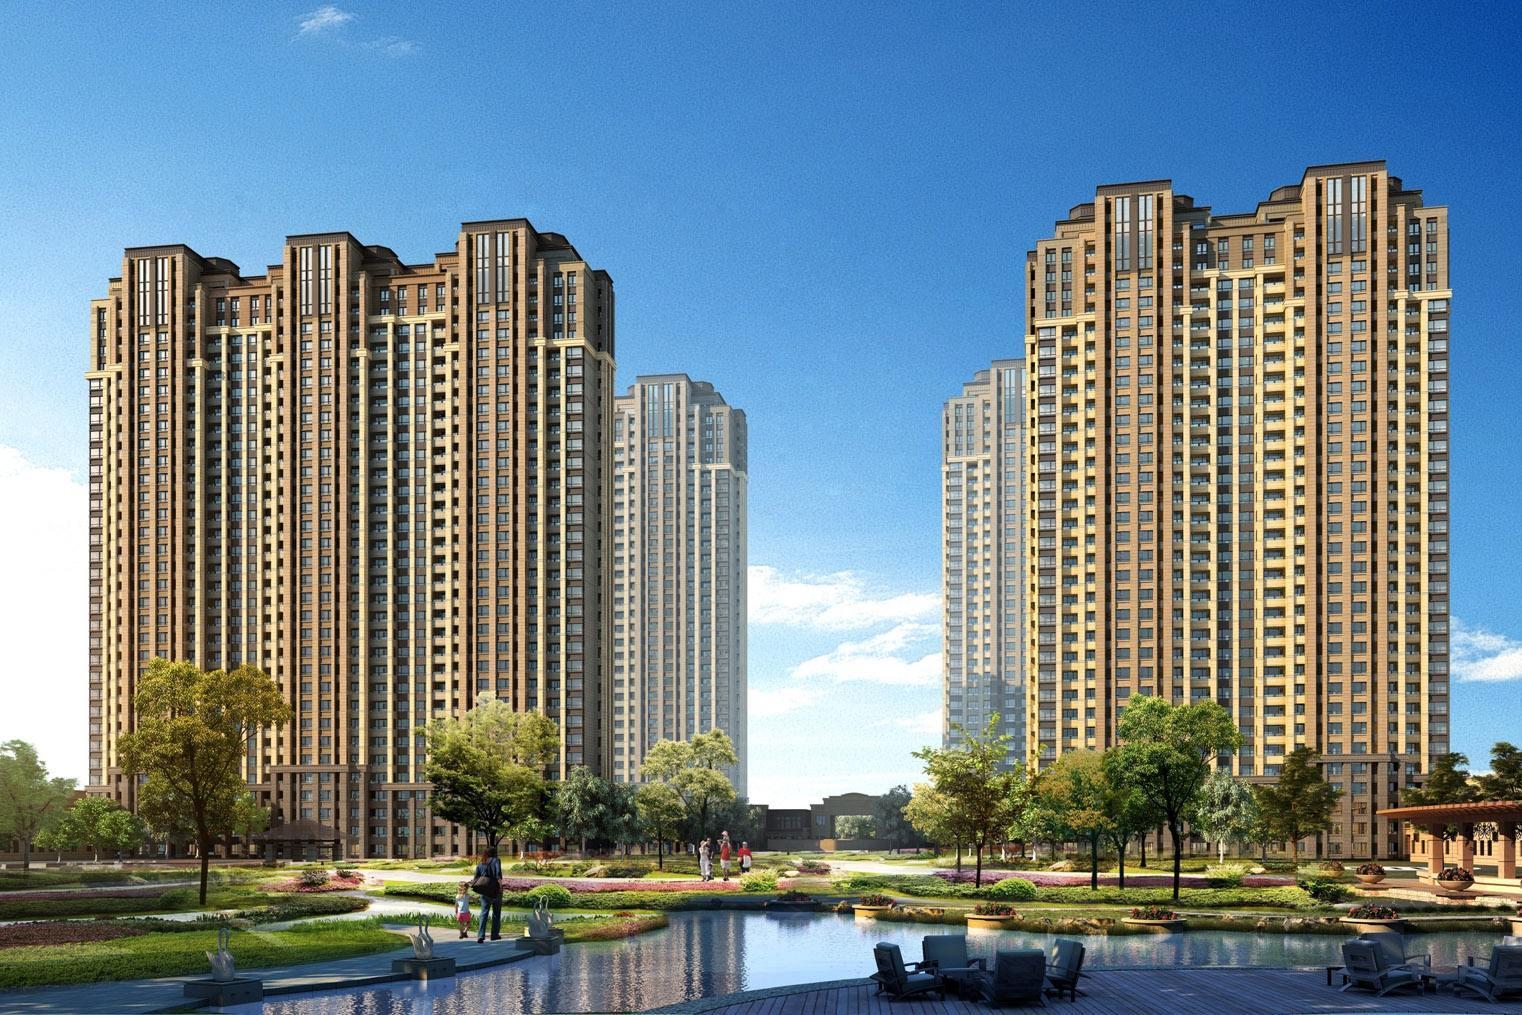 2021年县城新建住宅最高不超18层如何规定?附政策细则!